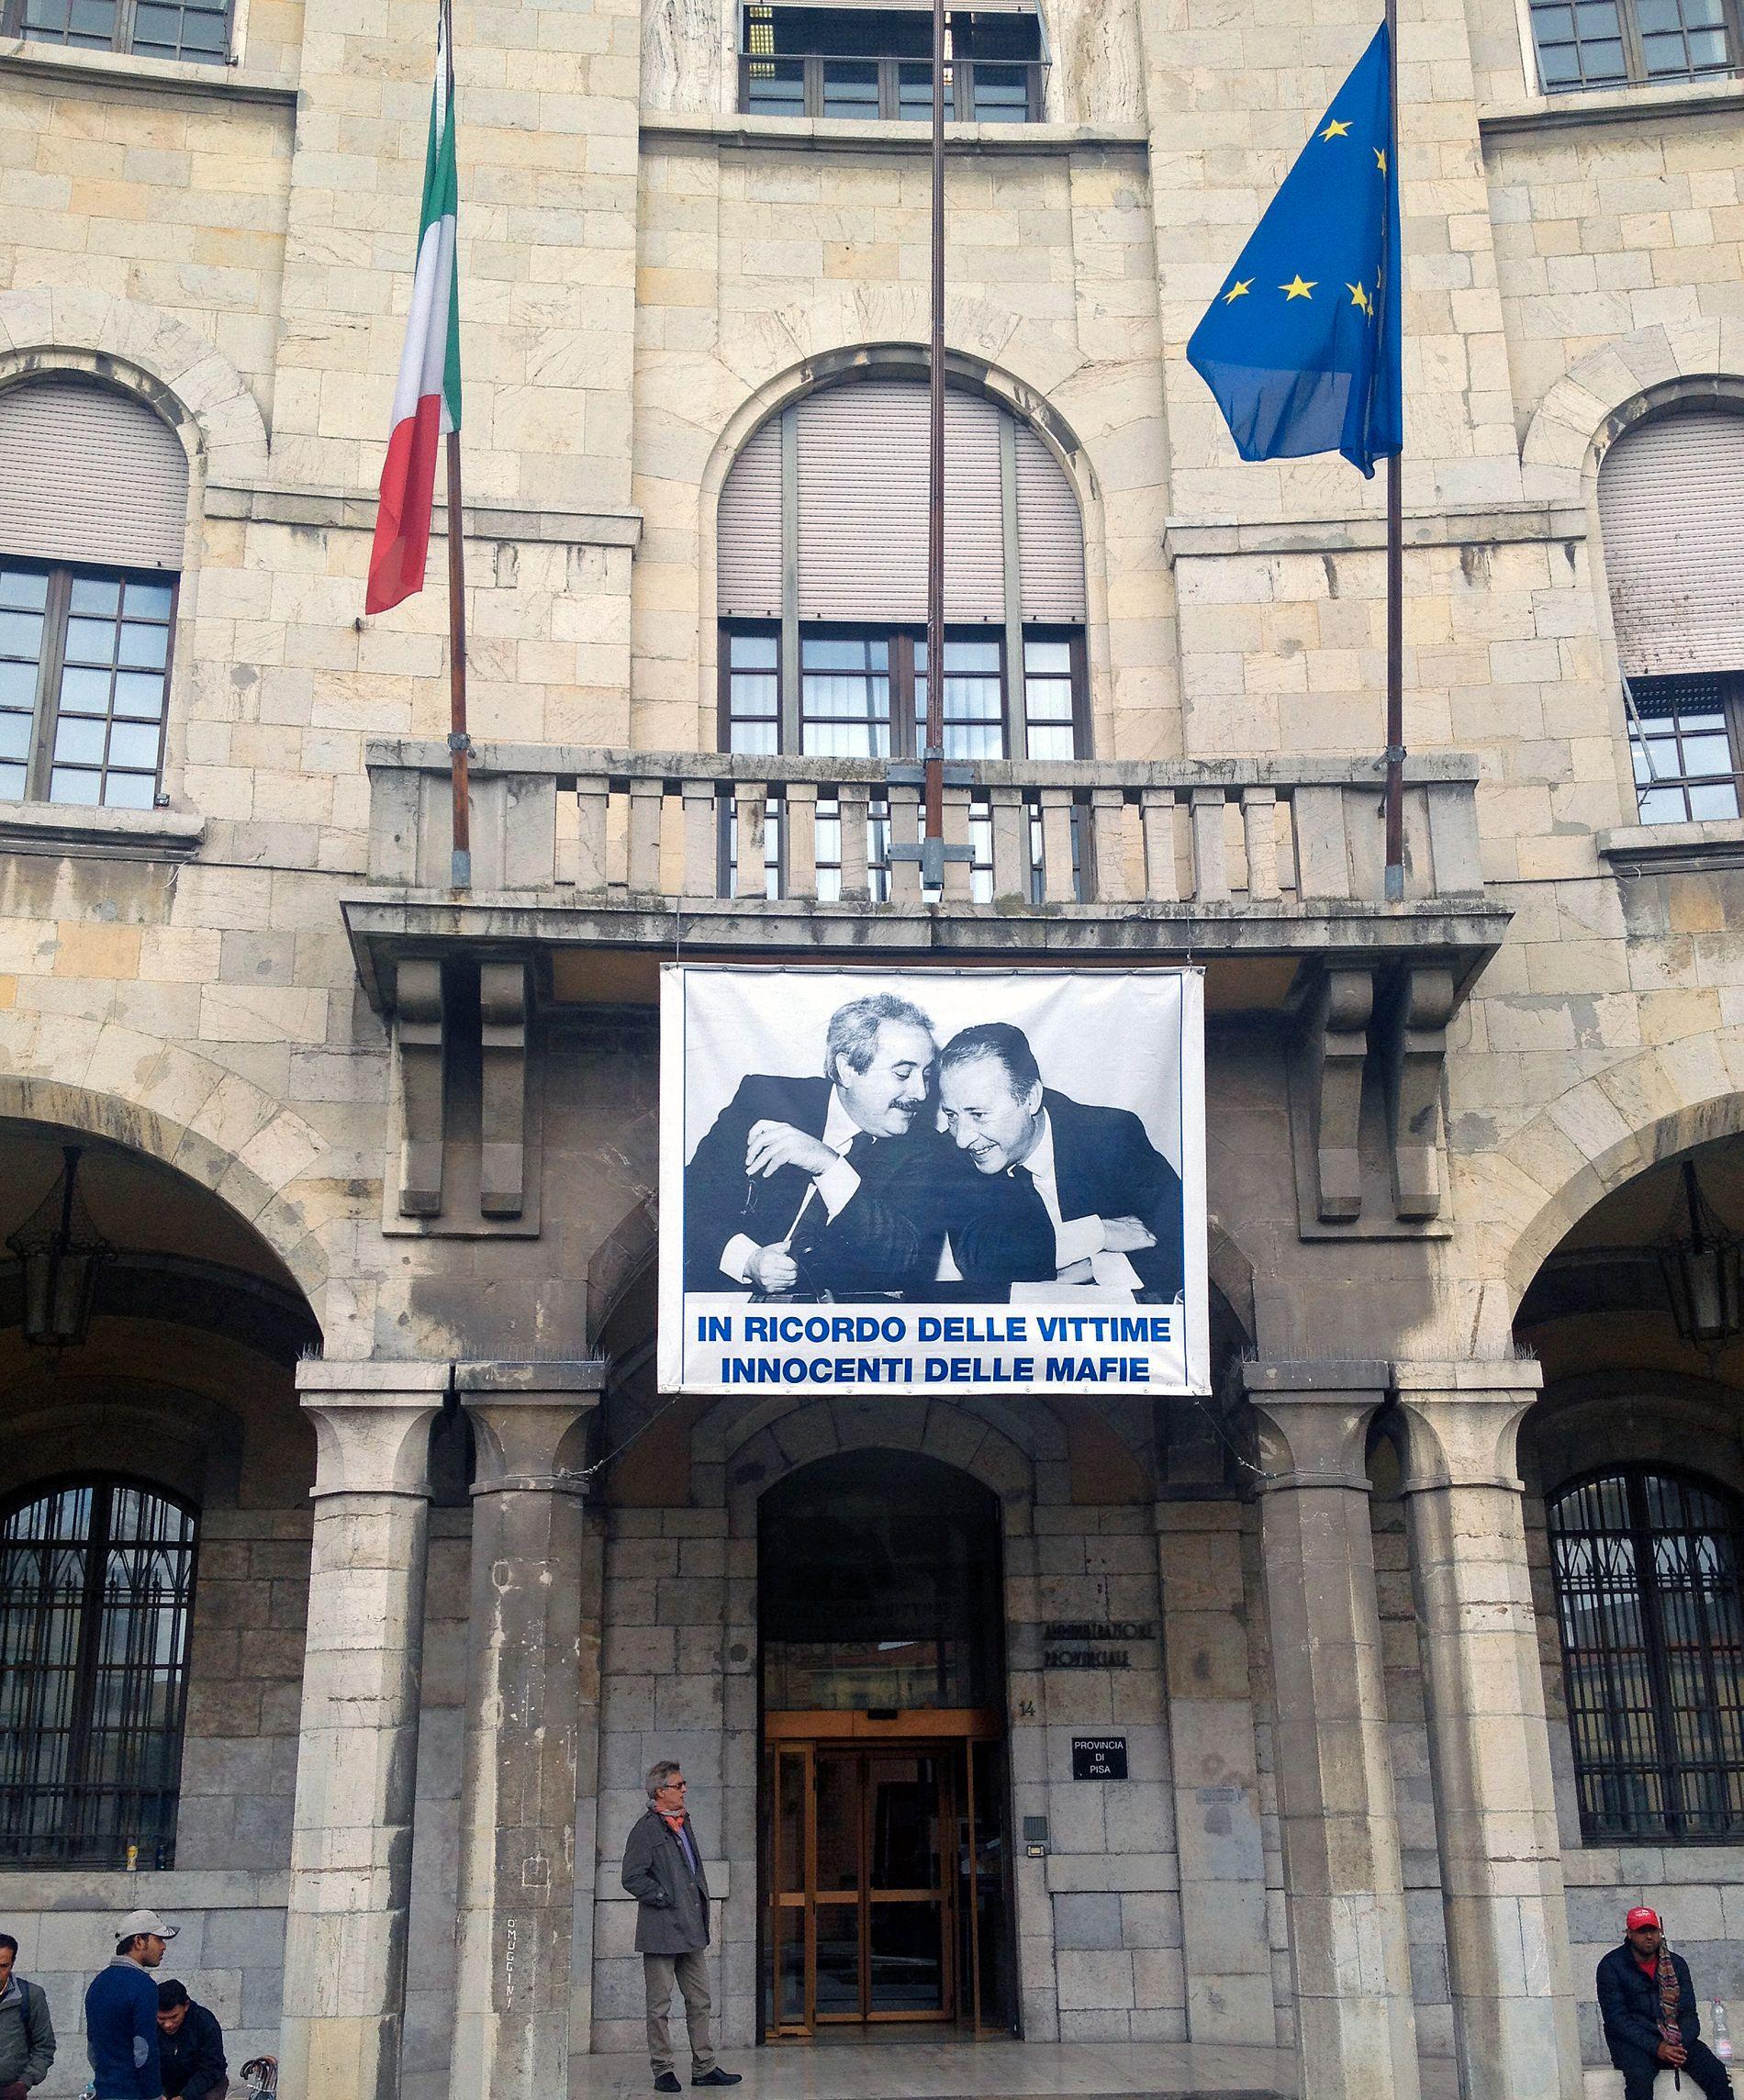 IKONISK: Det kjente fotografiet av Giovanni Falcone og Paolo Borsellino henger i, eller ved, mange offentlige bygg i Italia.